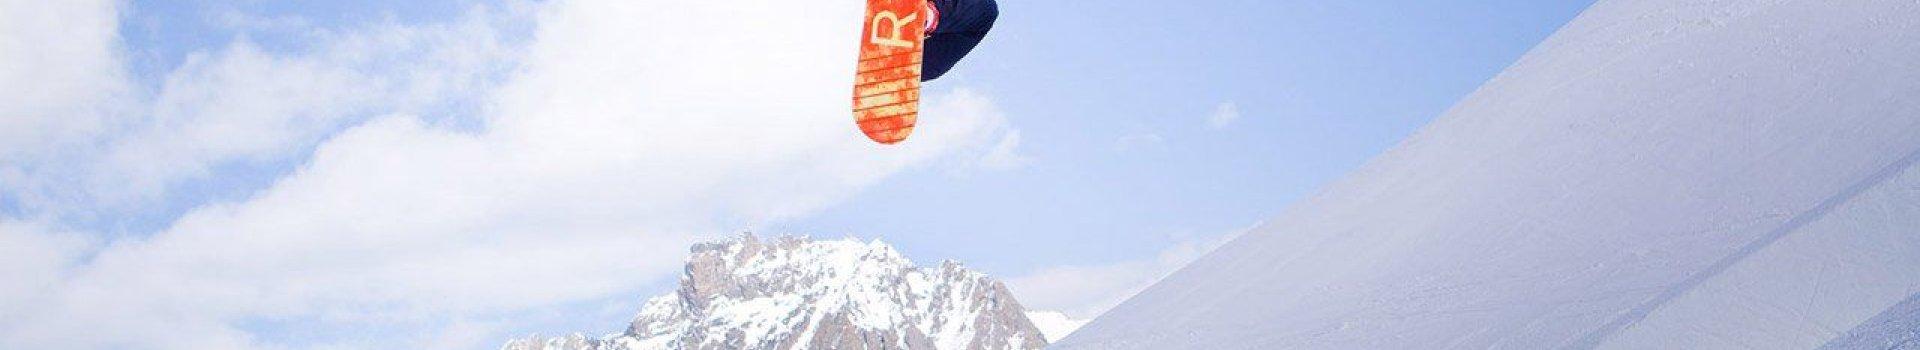 Deski snowboardowe Roxy - z myślą o snowboardzistkach